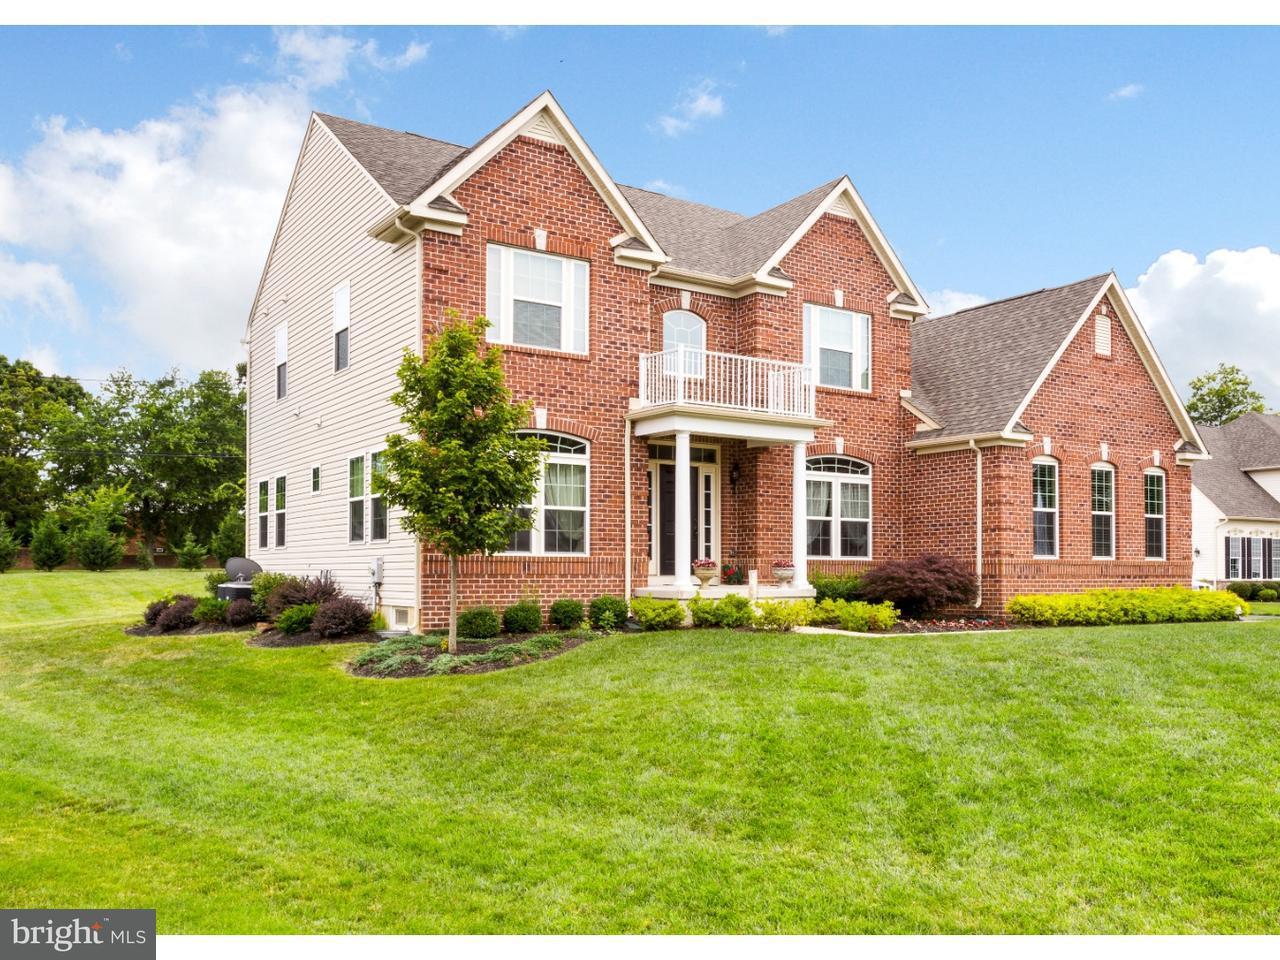 Maison unifamiliale pour l Vente à 114 GREEN BRIAR Court Cinnaminson, New Jersey 08077 États-Unis